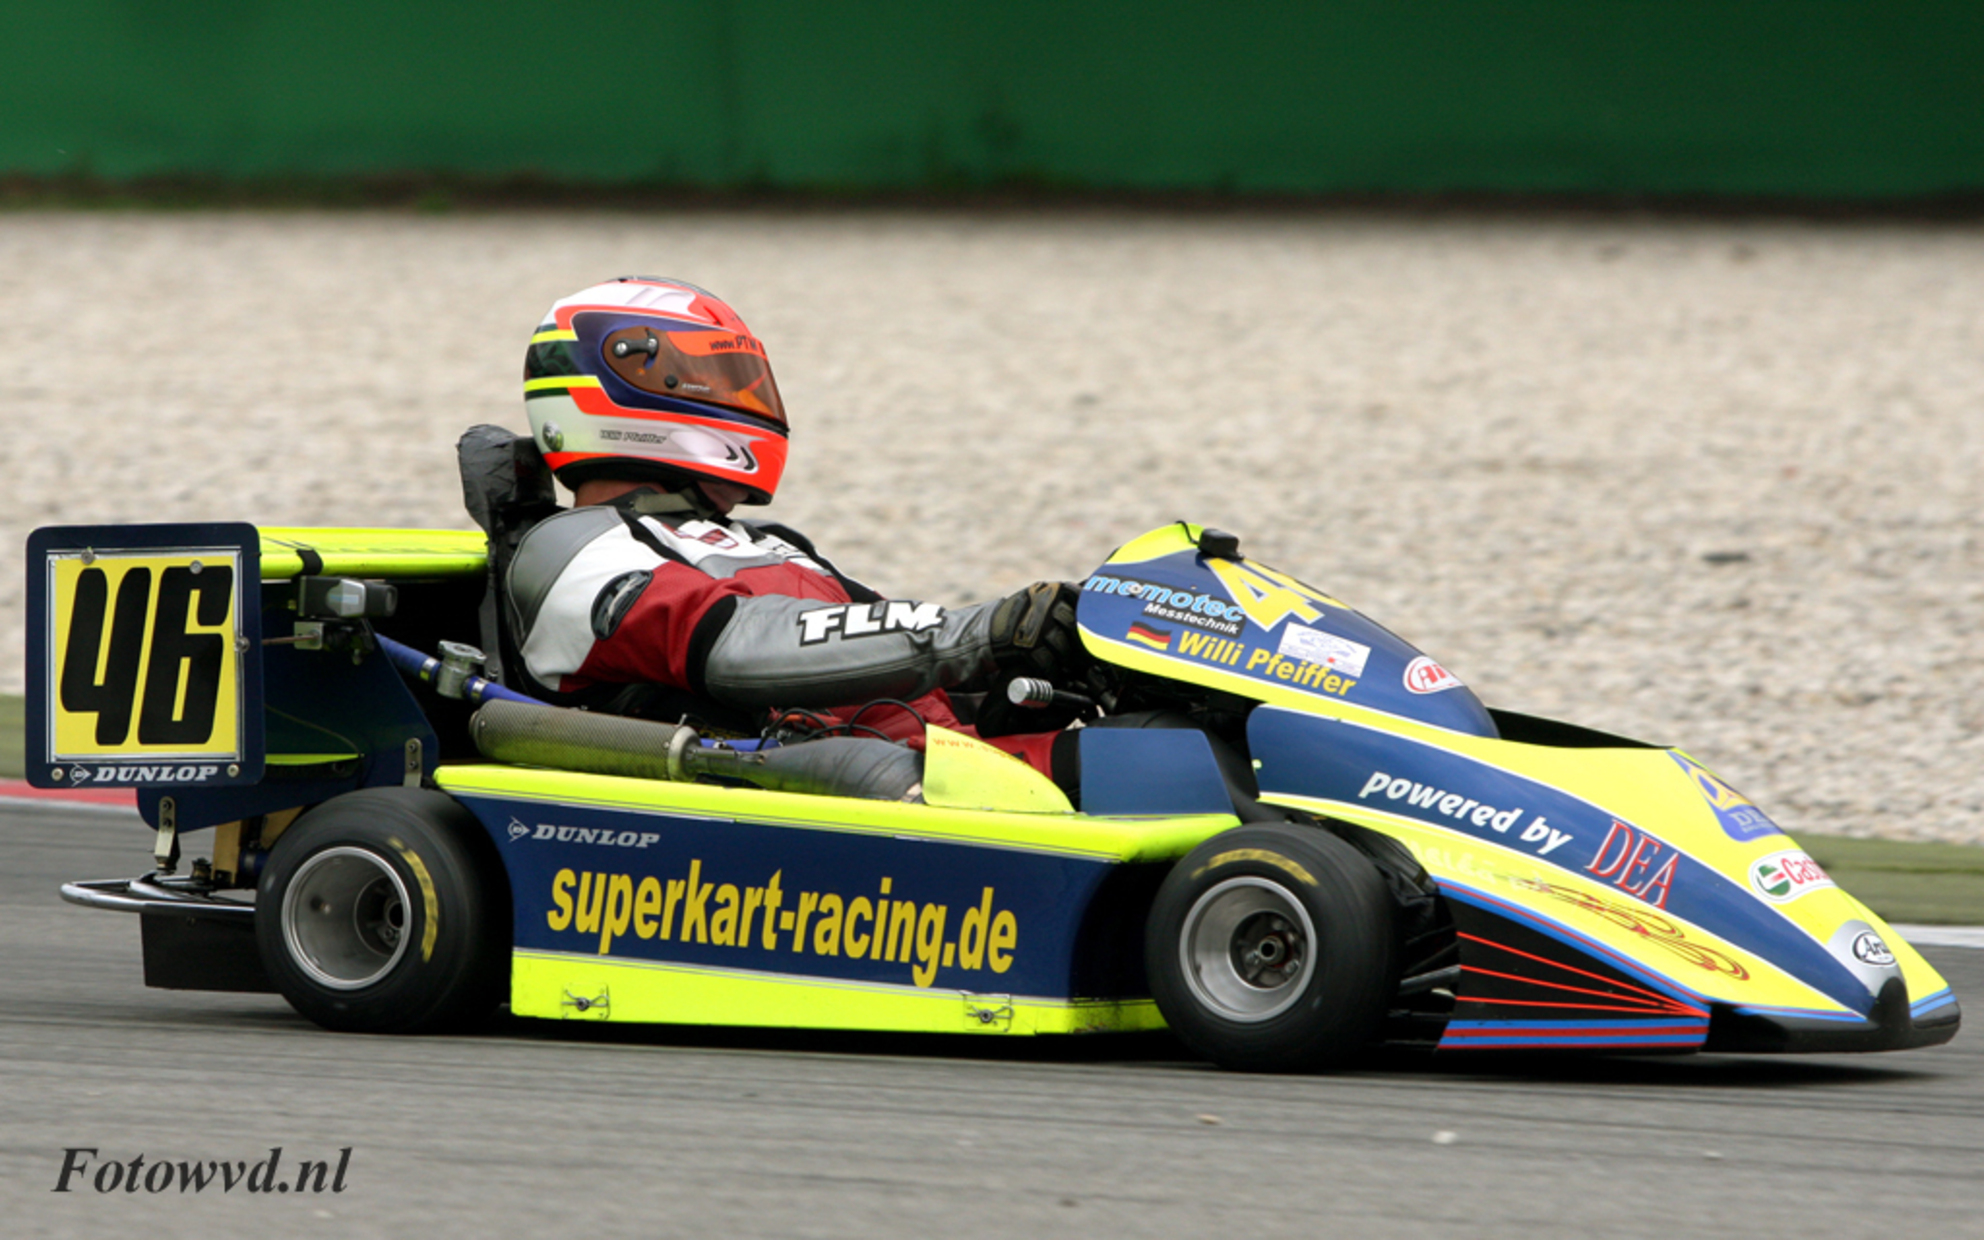 Rizla Racingday - European Superkart Championship de rijder is Willi Pfeiffer, ja als je perskaart van de baas een keer kunt gebruiken waarom dan niet. - foto door wvd op 18-08-2009 - deze foto bevat: assen, cart, rizla racingday